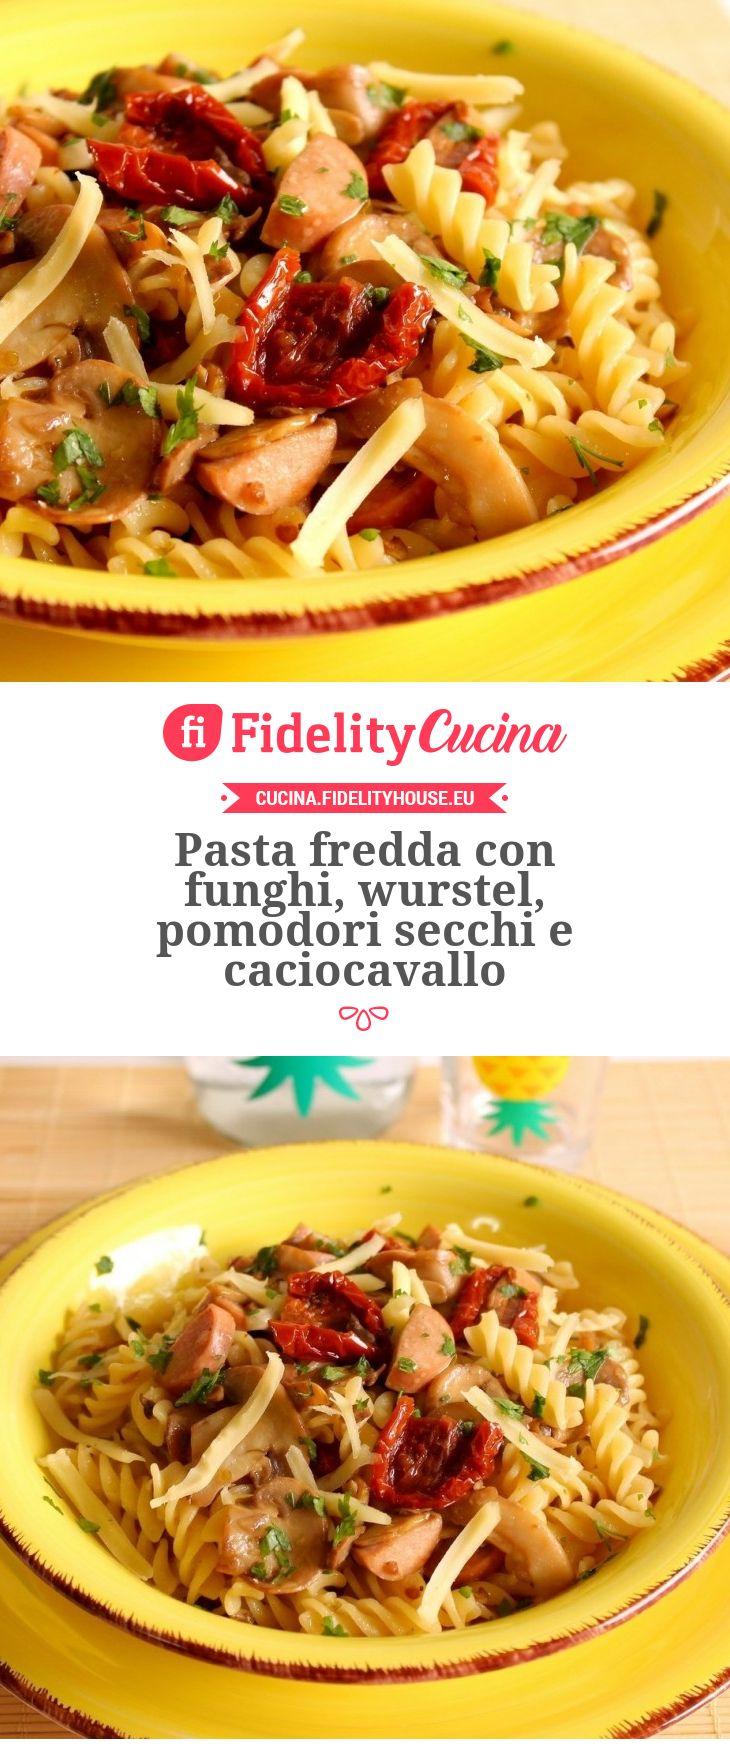 Pasta fredda con funghi, wurstel, pomodori secchi e caciocavallo